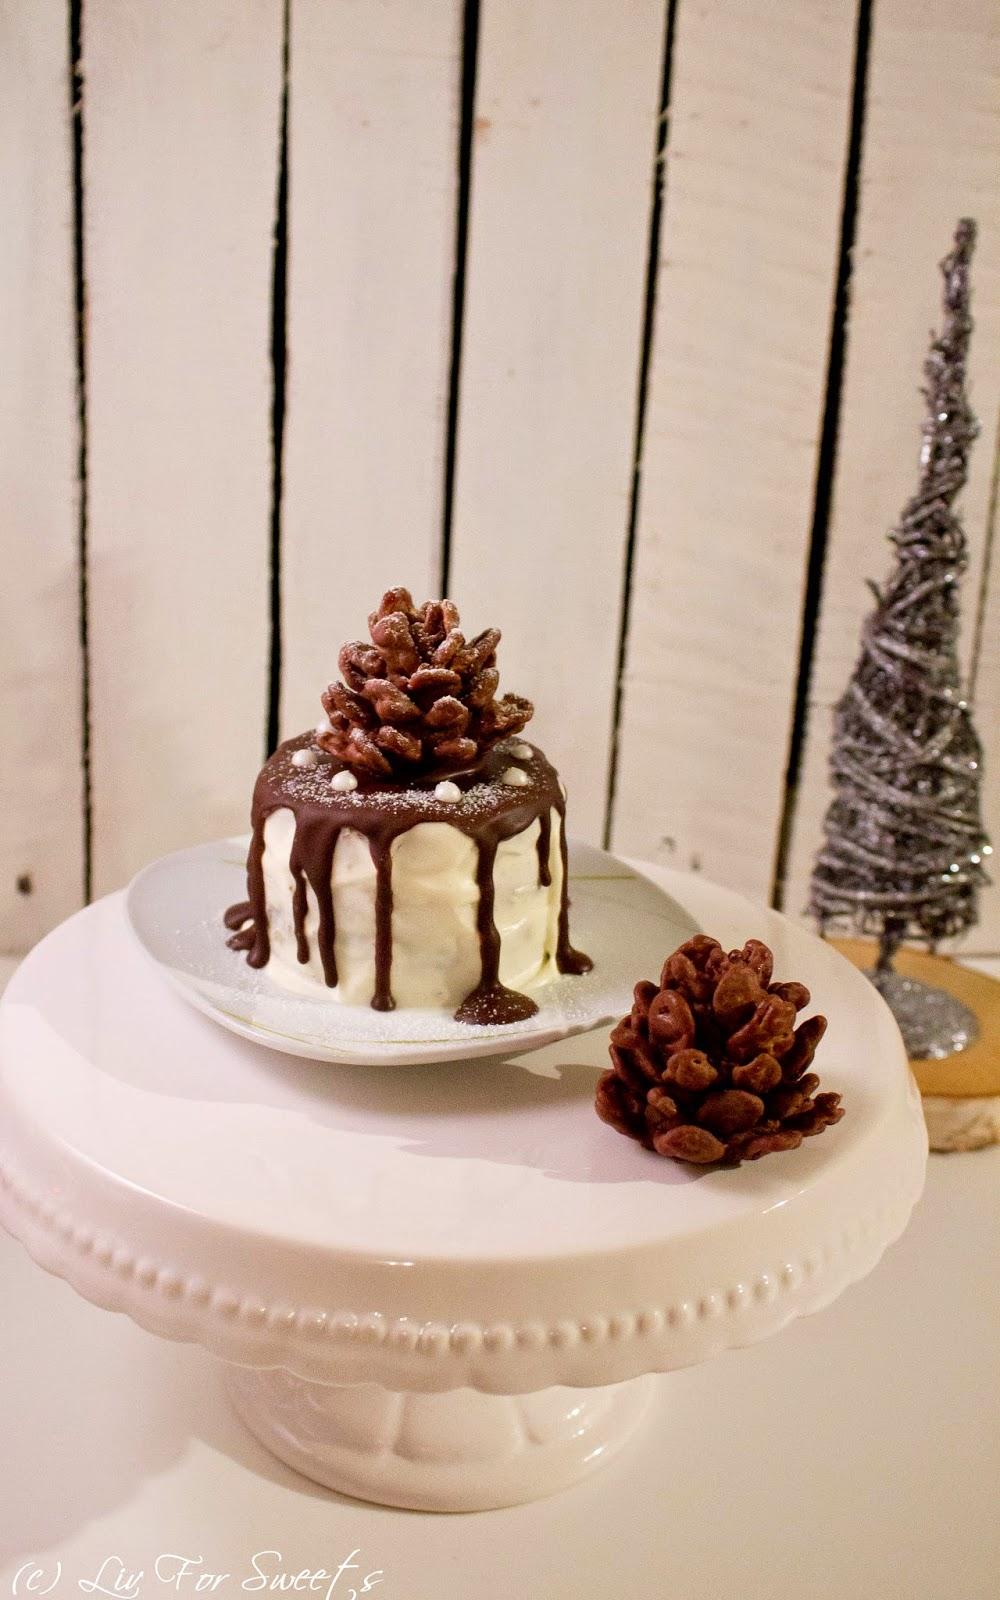 Schokobiskuit Apfelkonfitüre und Frischkäse-Sahne-Creme mit Schokolade und Mandeln, Tannenzapfen aus Schokoladenkuchen und Cornflakes, Winter, Weihnachten, Torte, Rezept auch für den Thermomix